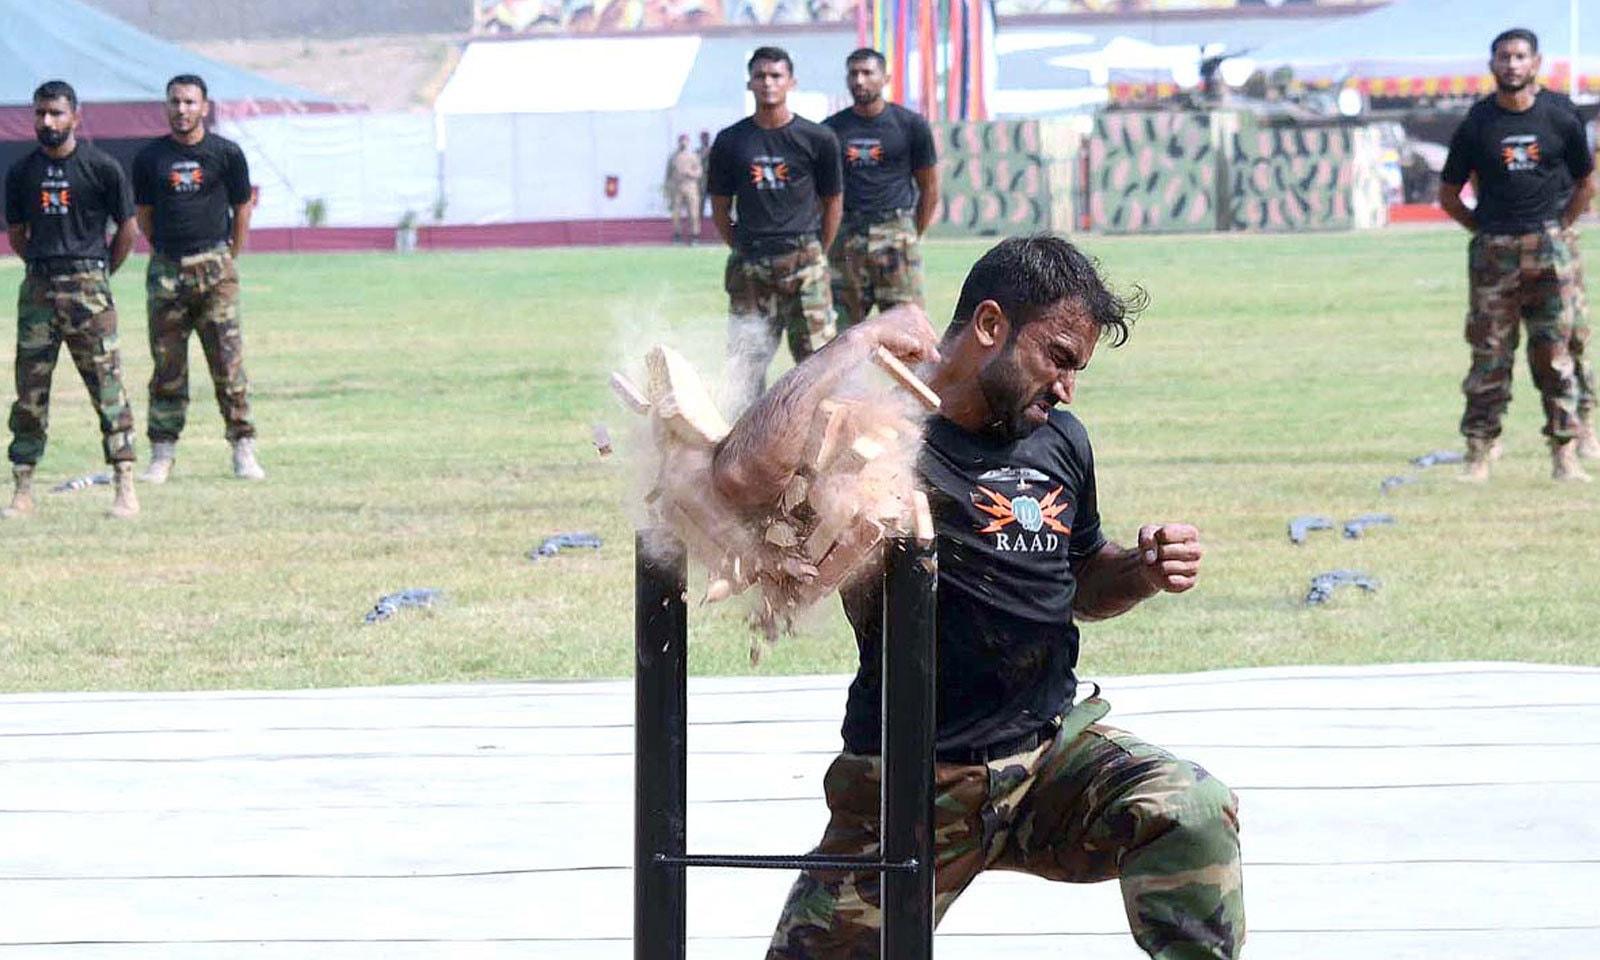 یوم دفاع کے موقع پر پشاور کے کرنل شہید خان اسٹیڈیم میں تقریب کا انعقاد کیا گیا — فوٹو: اے پی پی